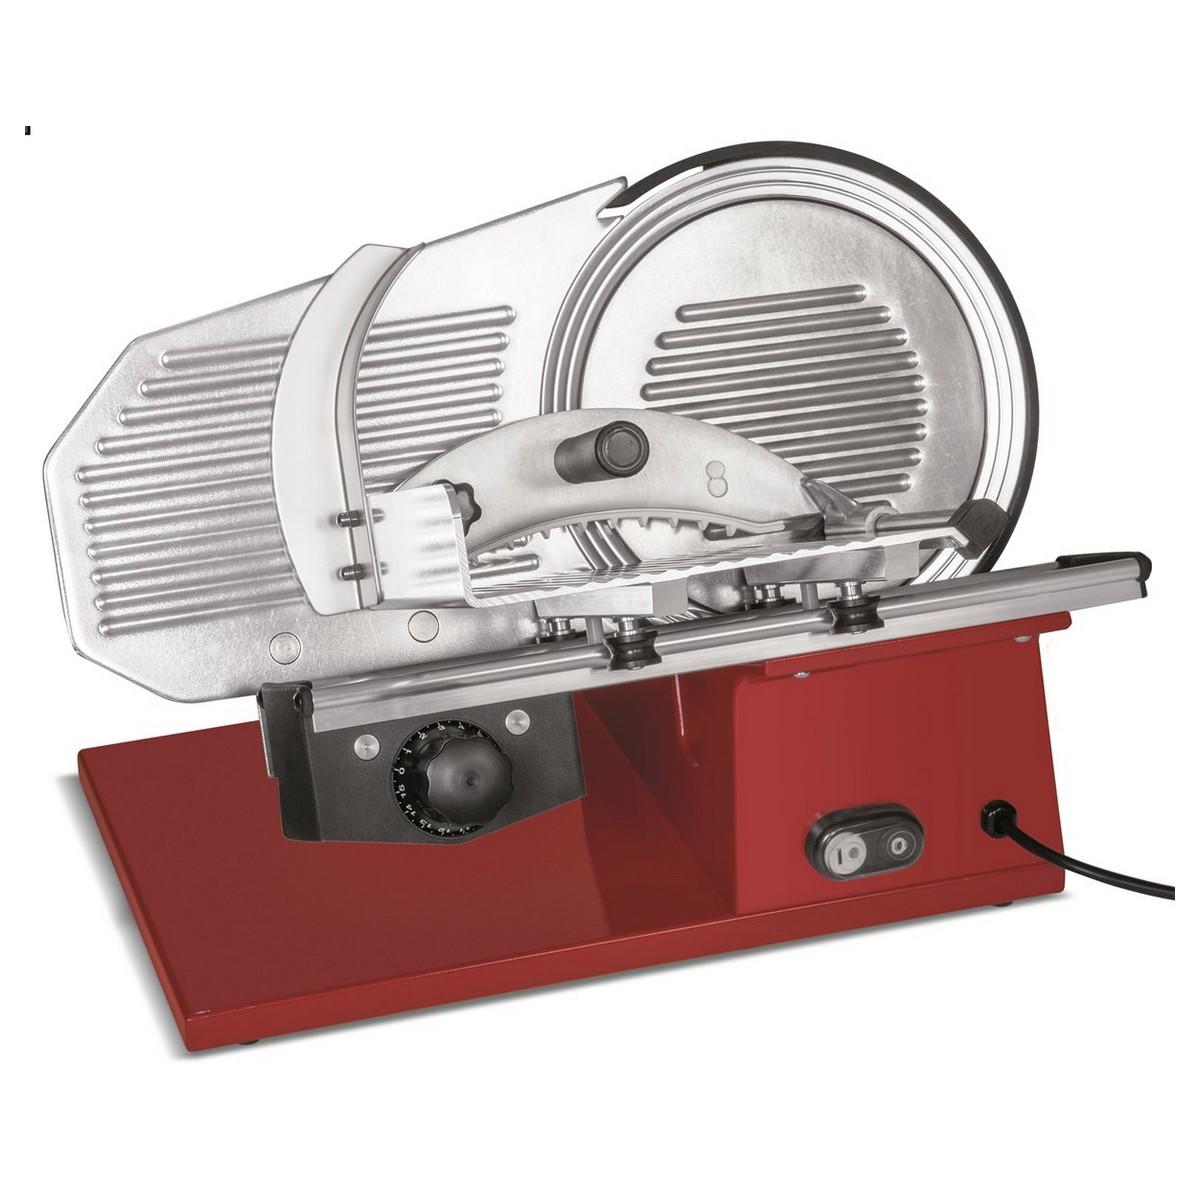 Affettatrice Modello Evolution 220 - Rossa con Lama Teflon Ø 220 mm